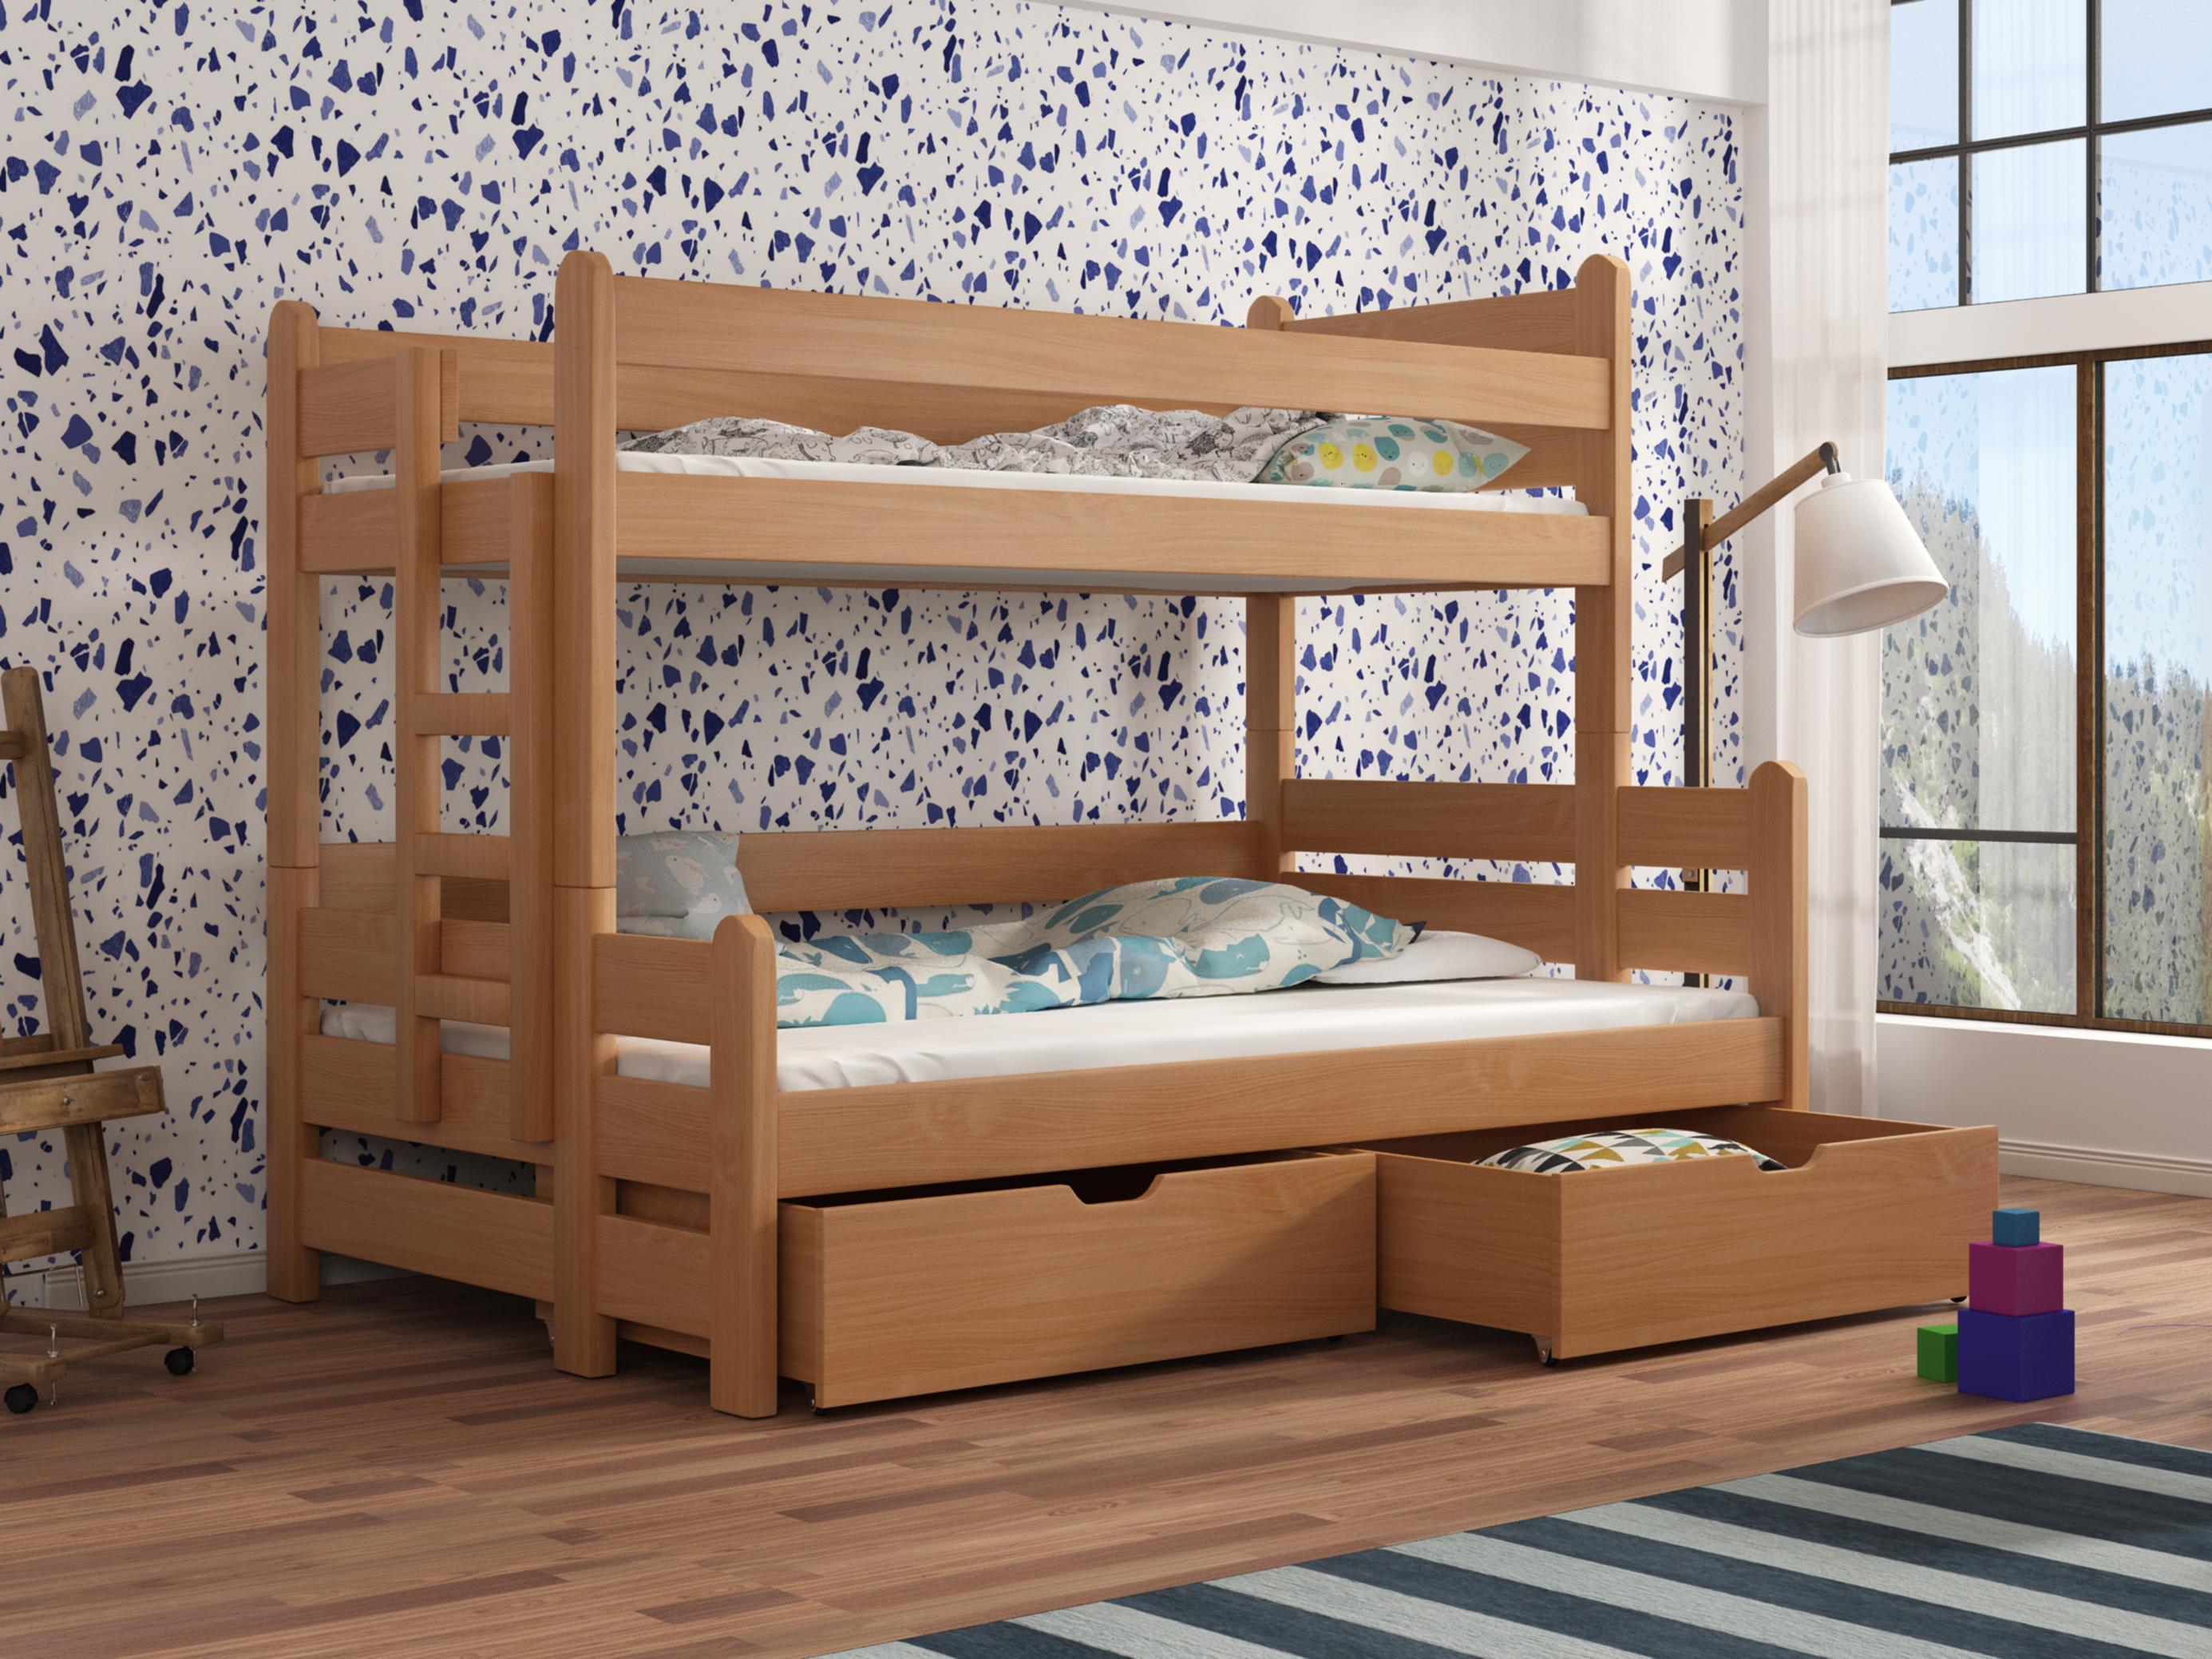 Dětská patrová postel 90 cm - Bivi (buk)